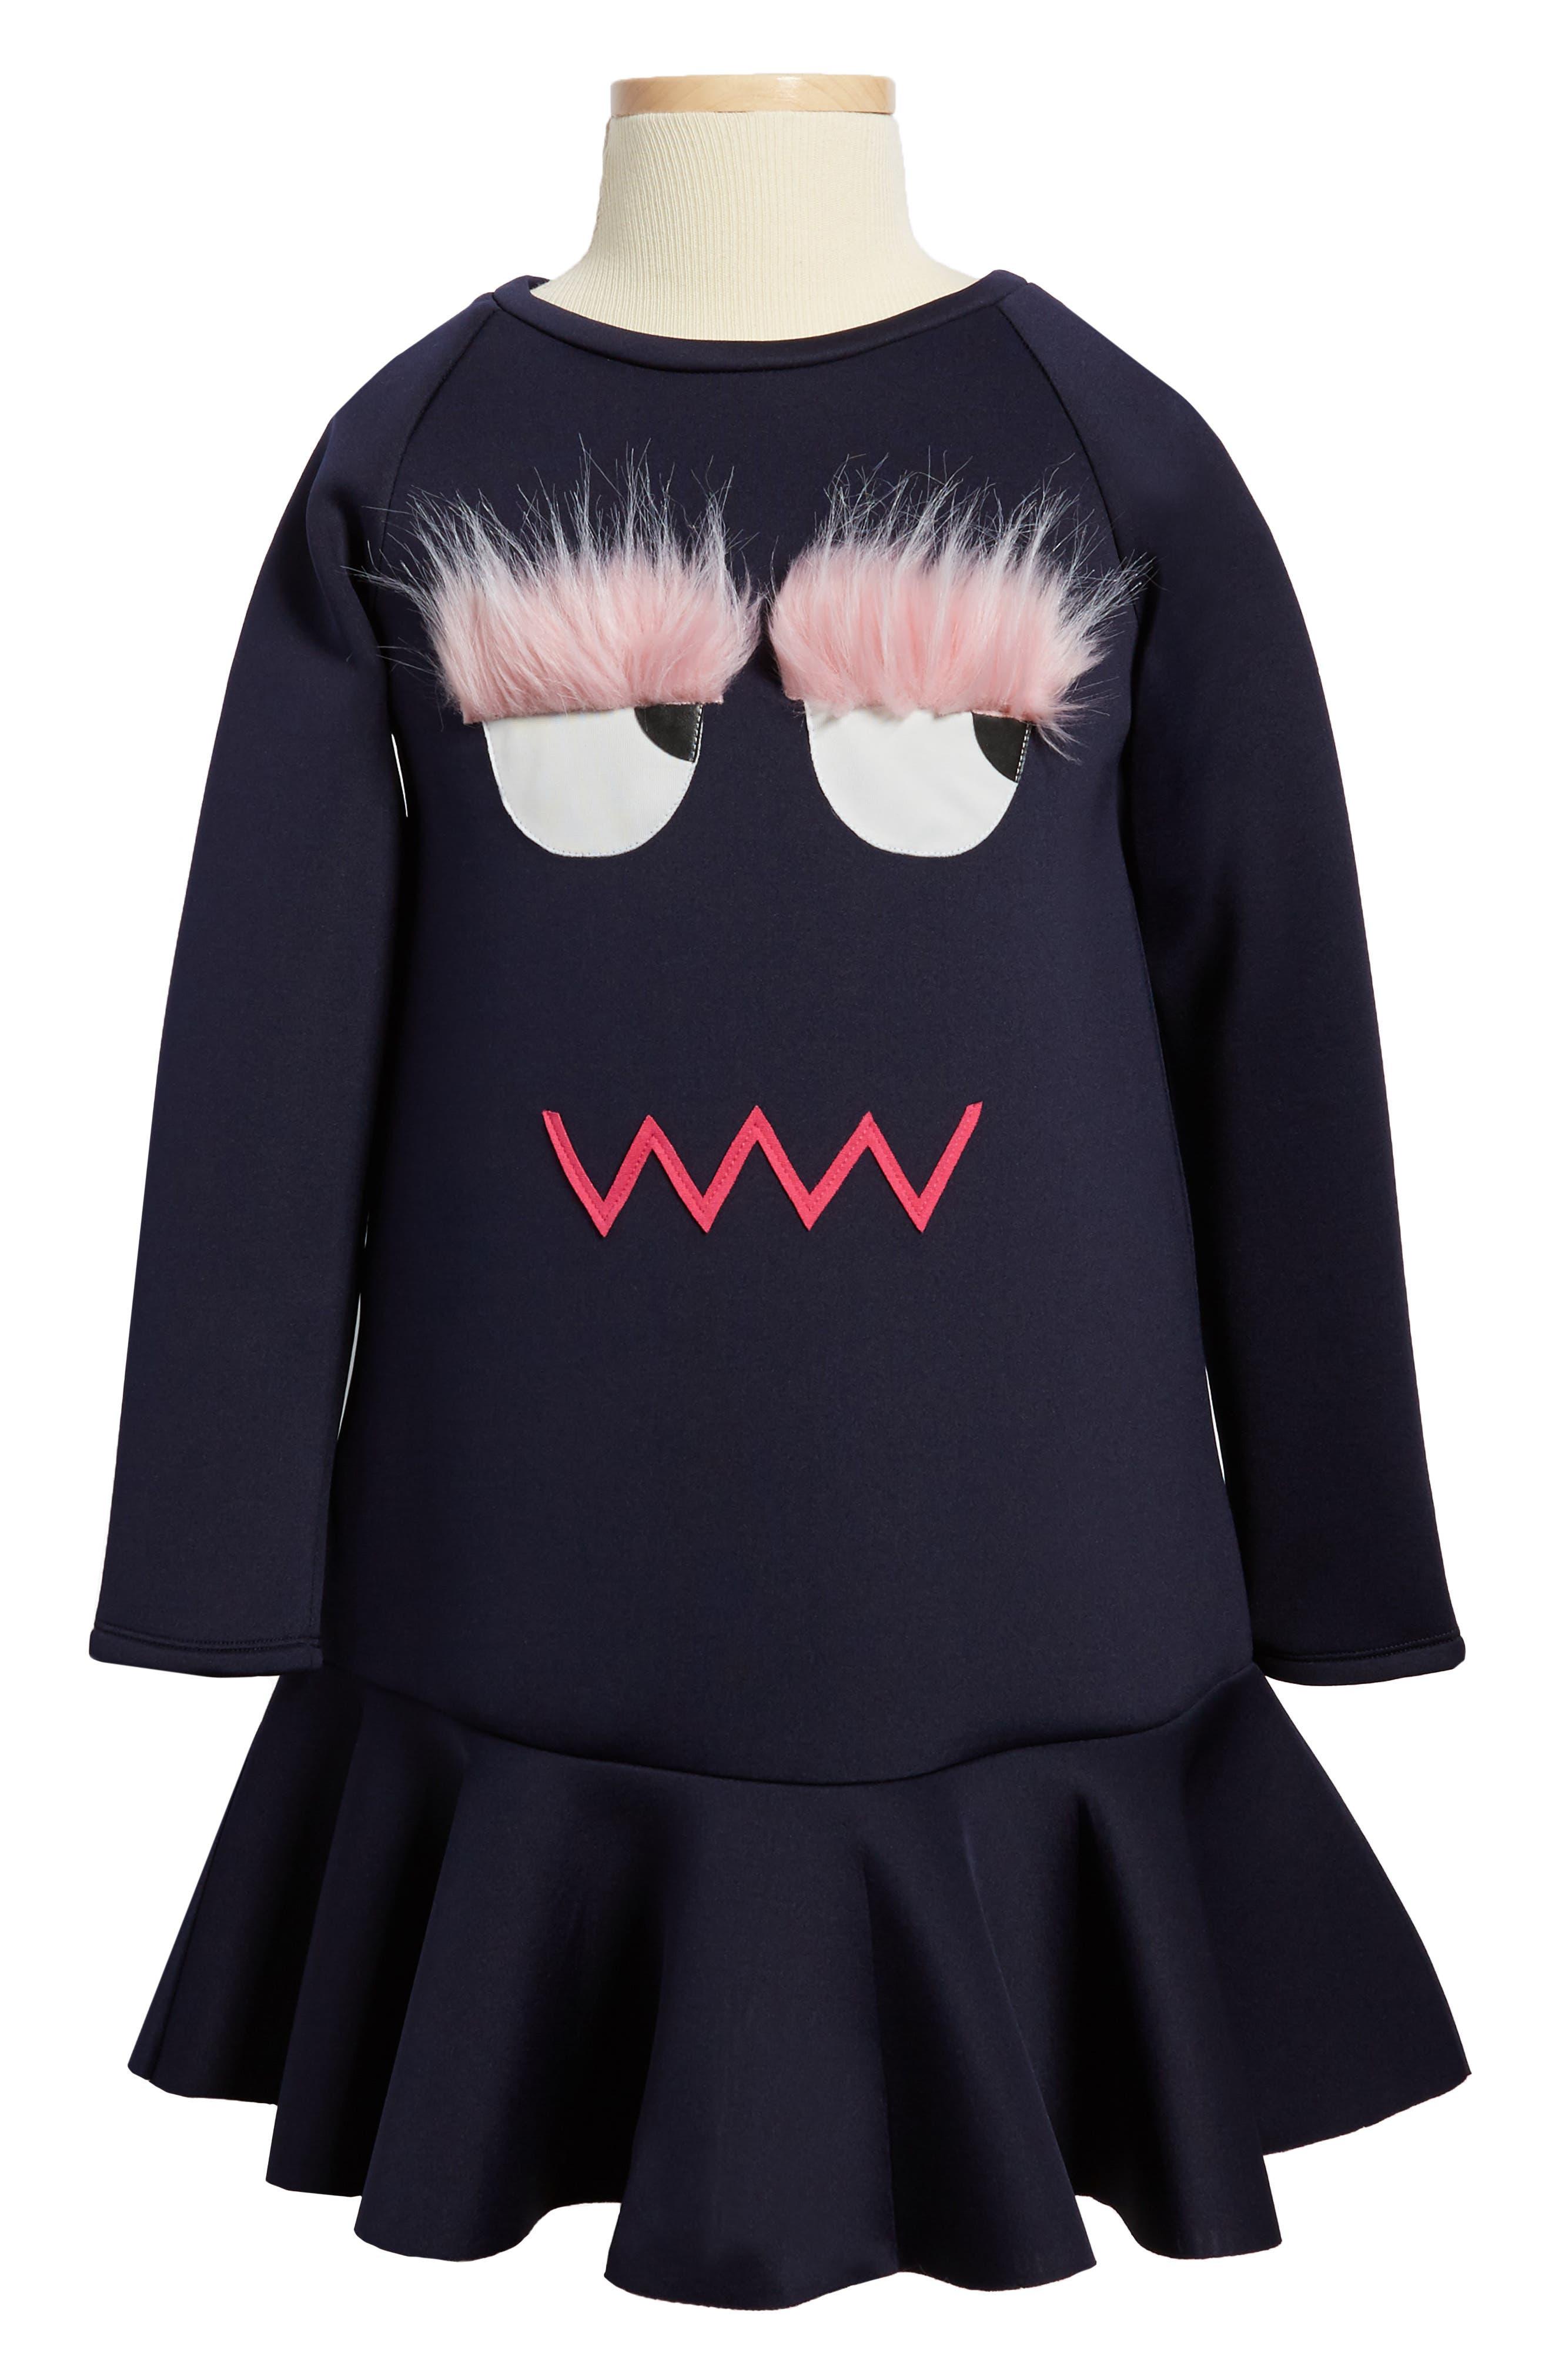 Halabaloo Monster Scuba Dress (Toddler Girls, Little Girls & Big Girls)